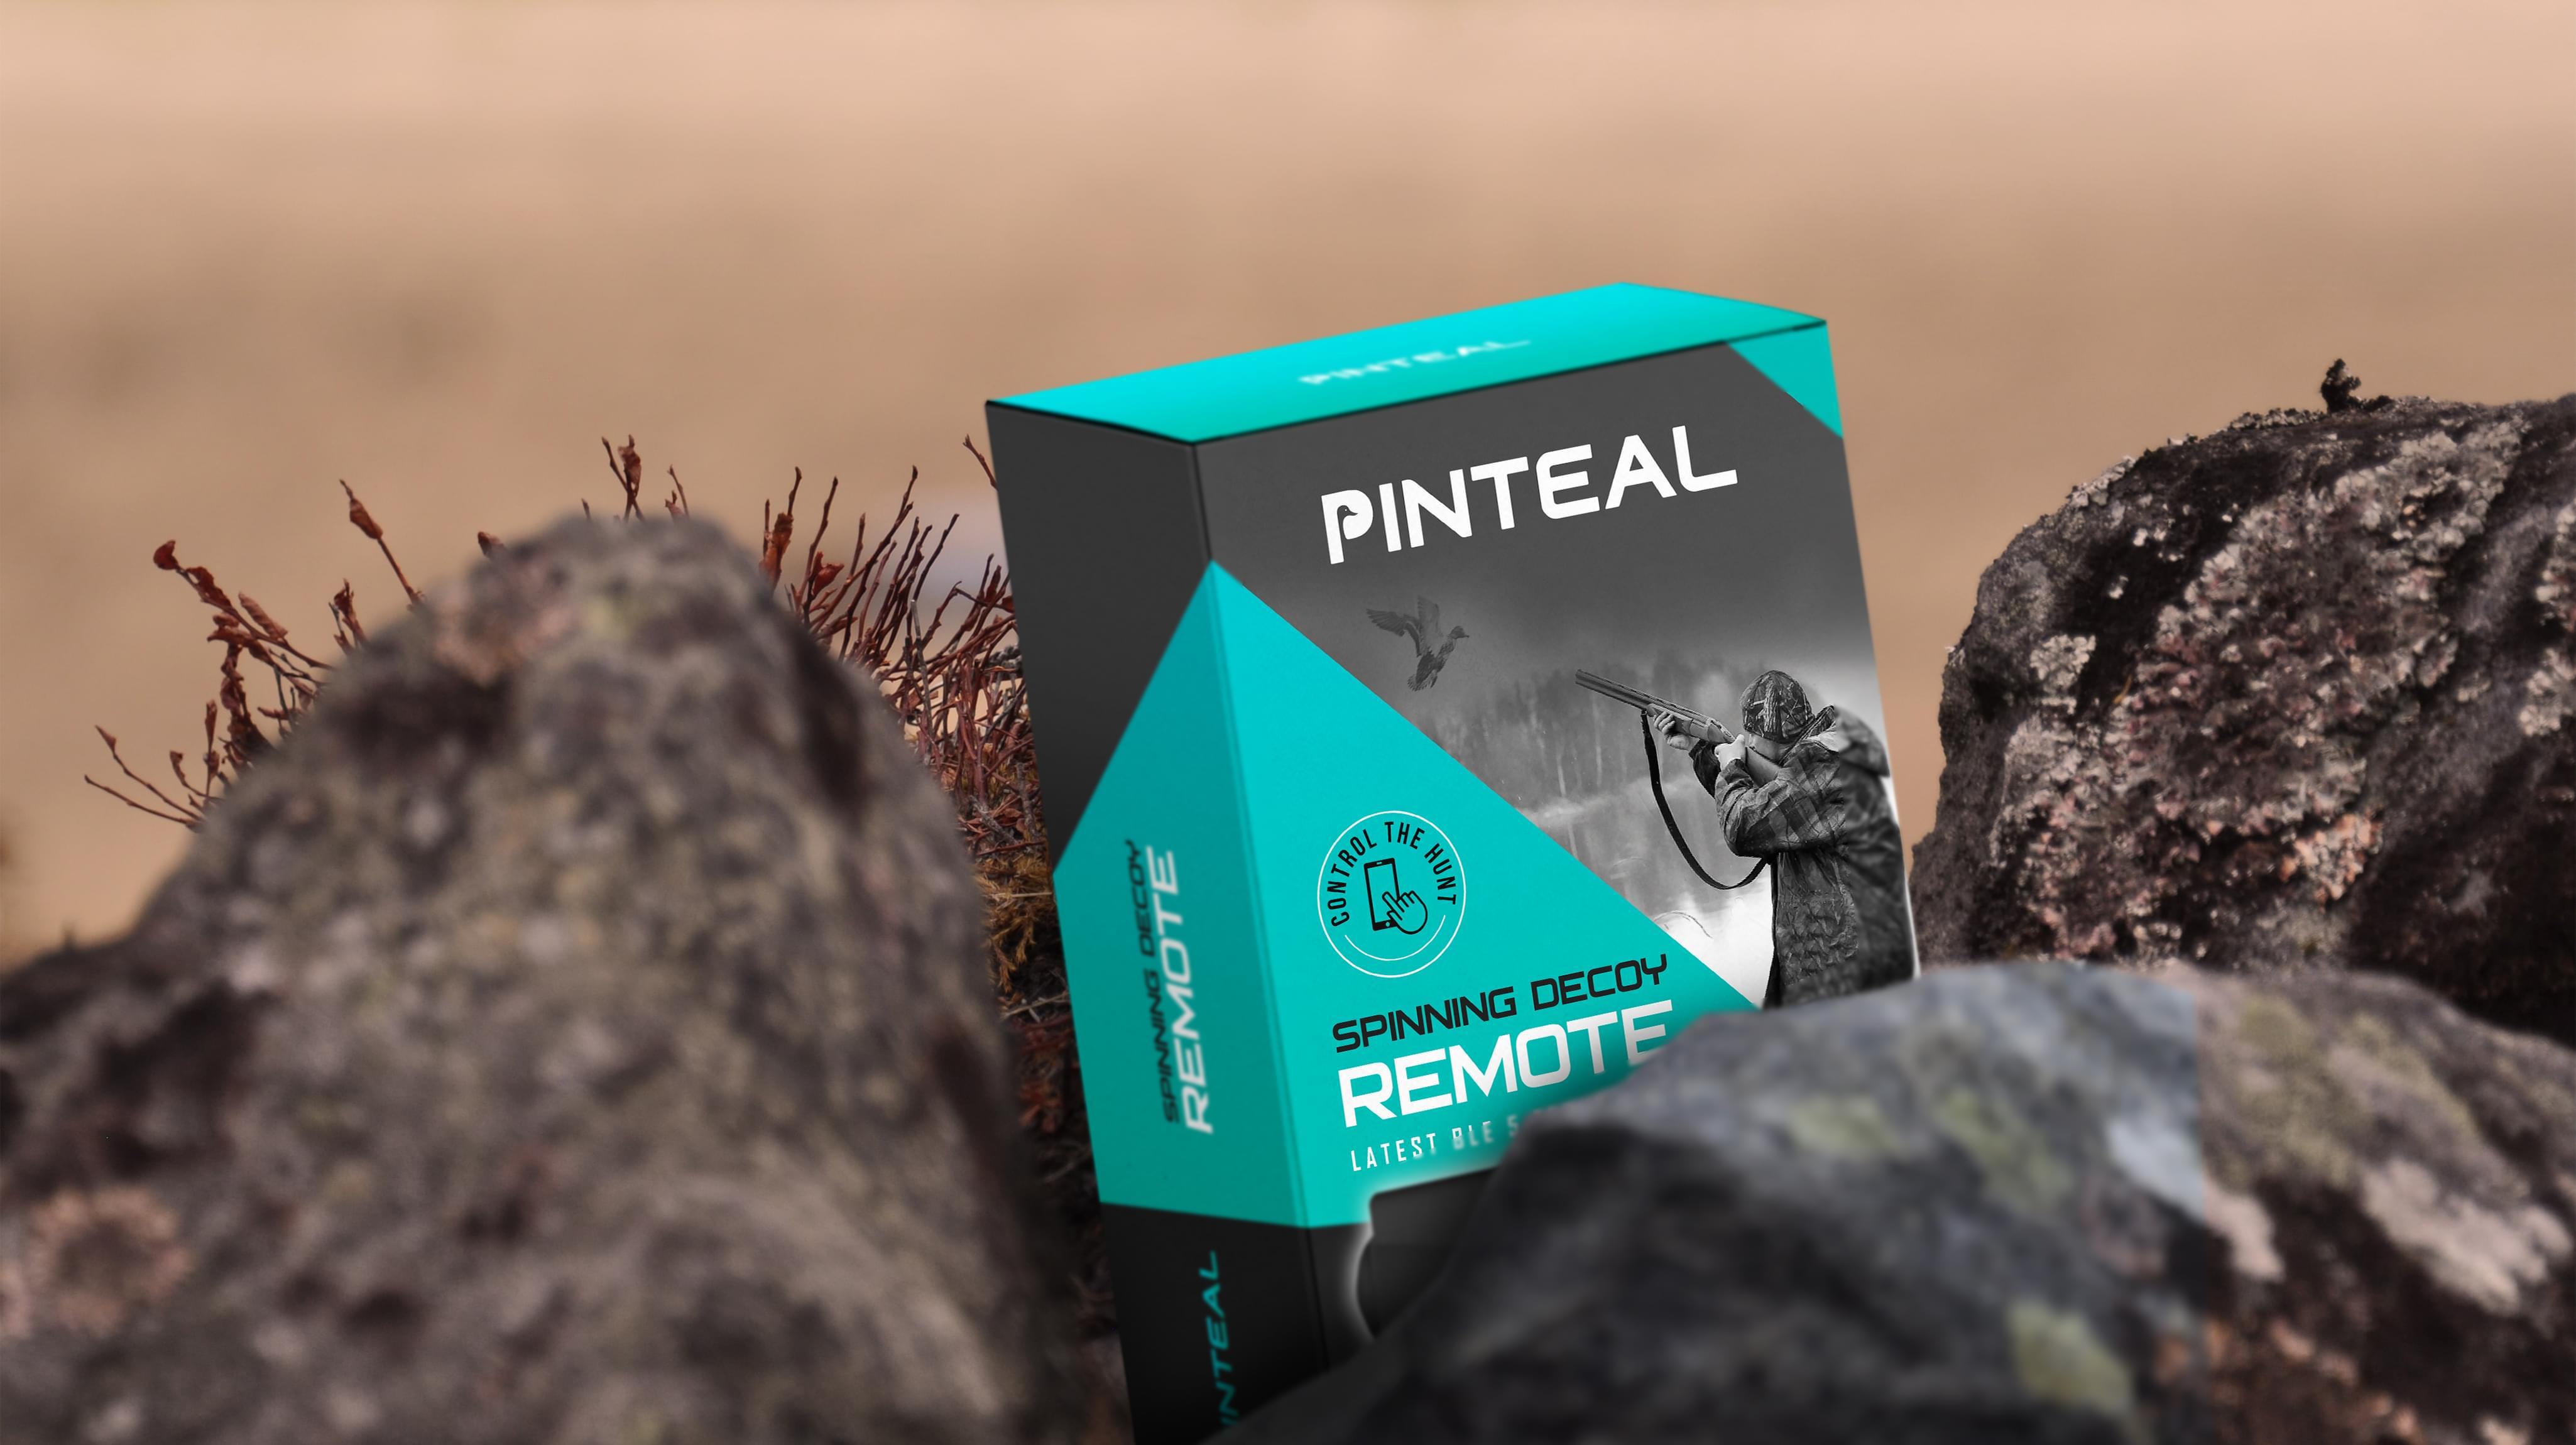 Pinteal Packaging